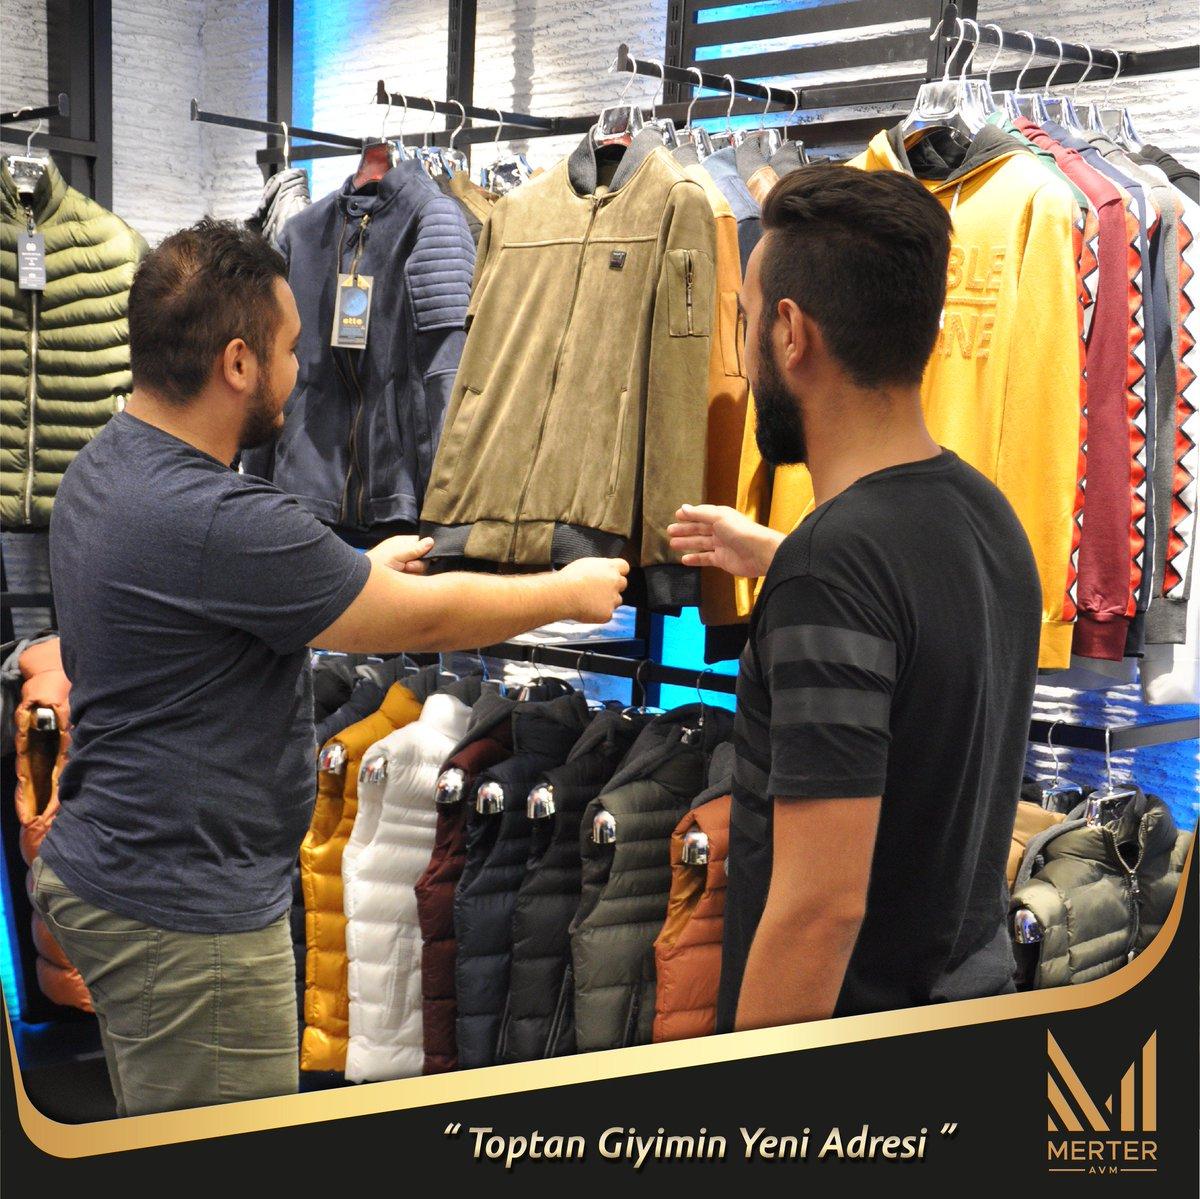 77ef4f60851d1 ... 7 katlı yapısı kadın ve erkek giyiminde 163 toptan mağazası ile tekstil  sektörüne yeni bir soluk getirecek Merter AVM çok yakında hizmetinizde.